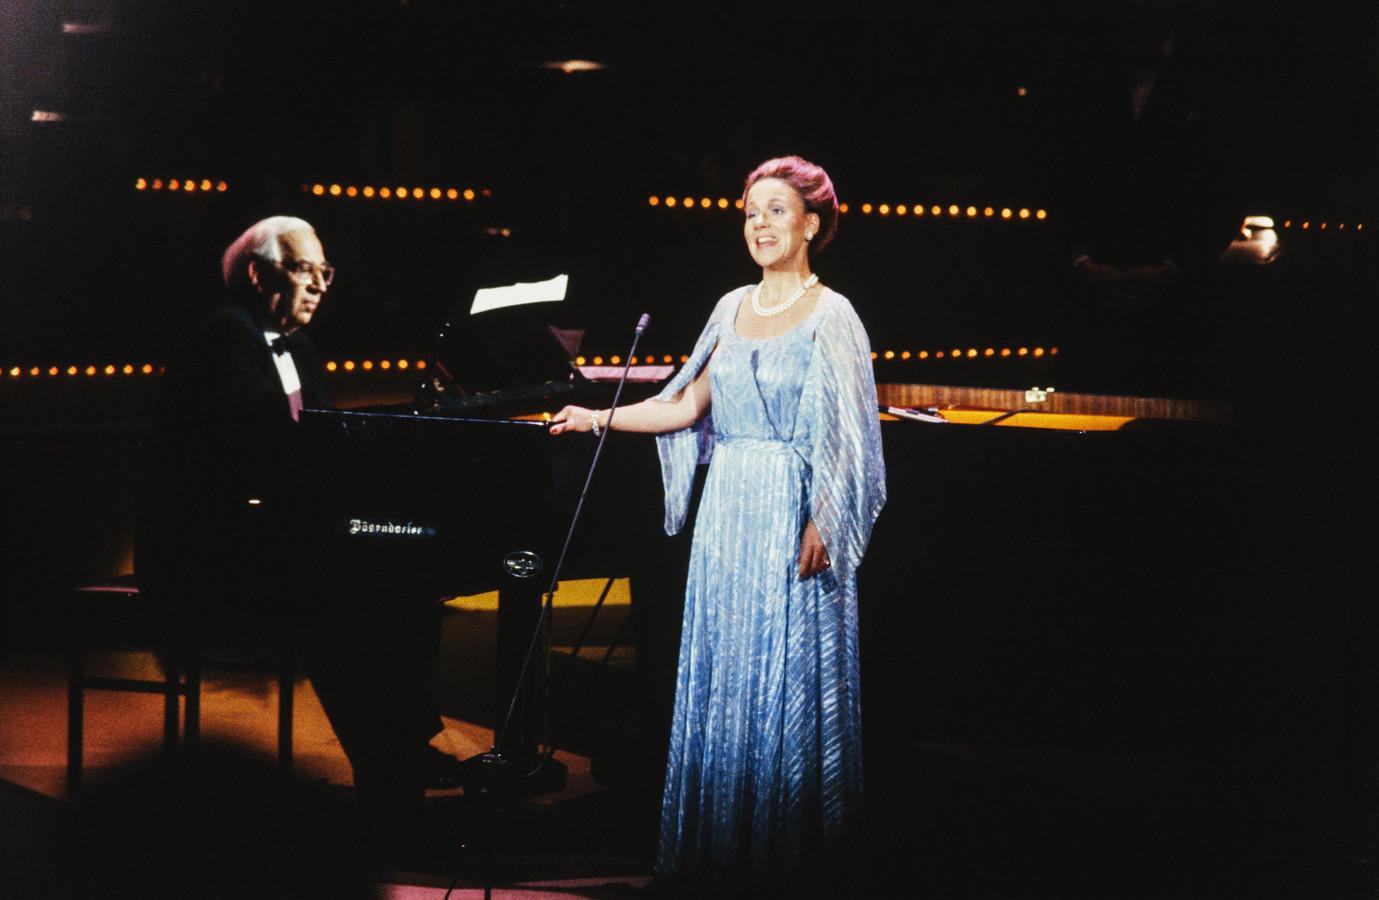 Prinses Christina tijdens haar optreden bij het concert voor de 50ste verjaardag van mr. Pieter van Vollenhoven in de Doelen in Rotterdam. Zij wordt begeleid door Daniël Wayenberg aan de vleugel, 1989.